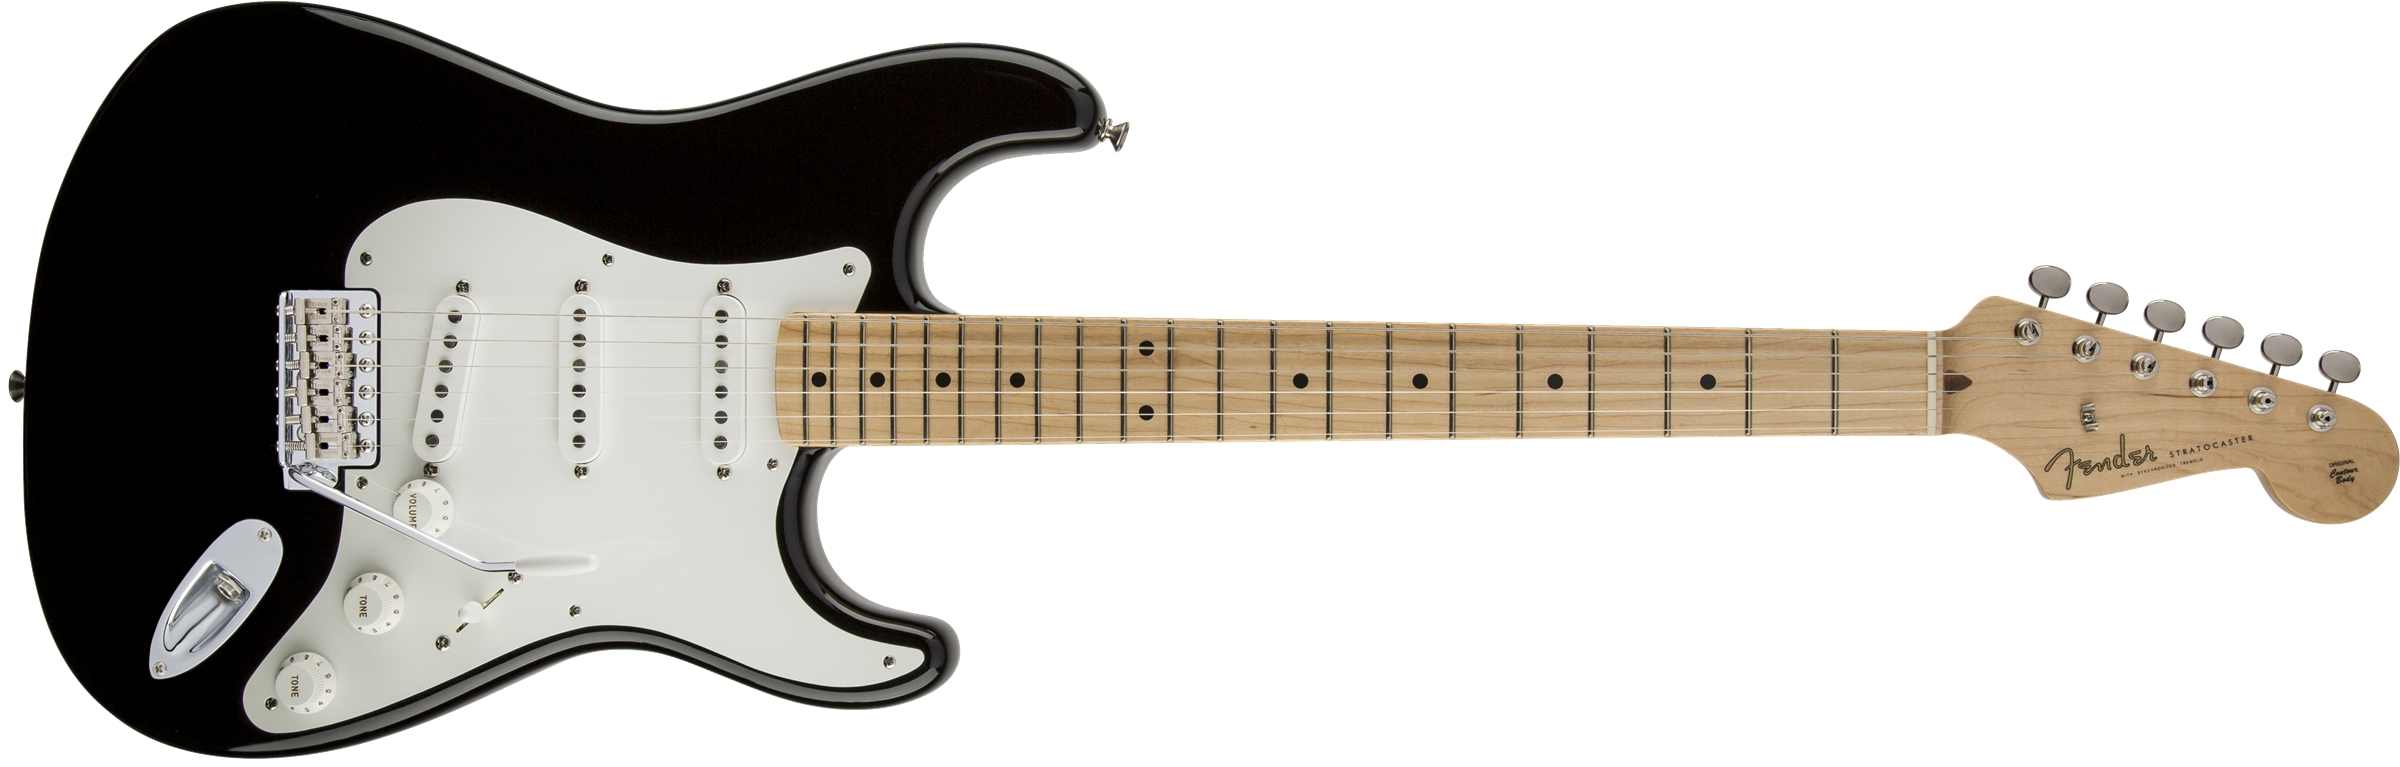 Vintage Fender Stratocaster Preise